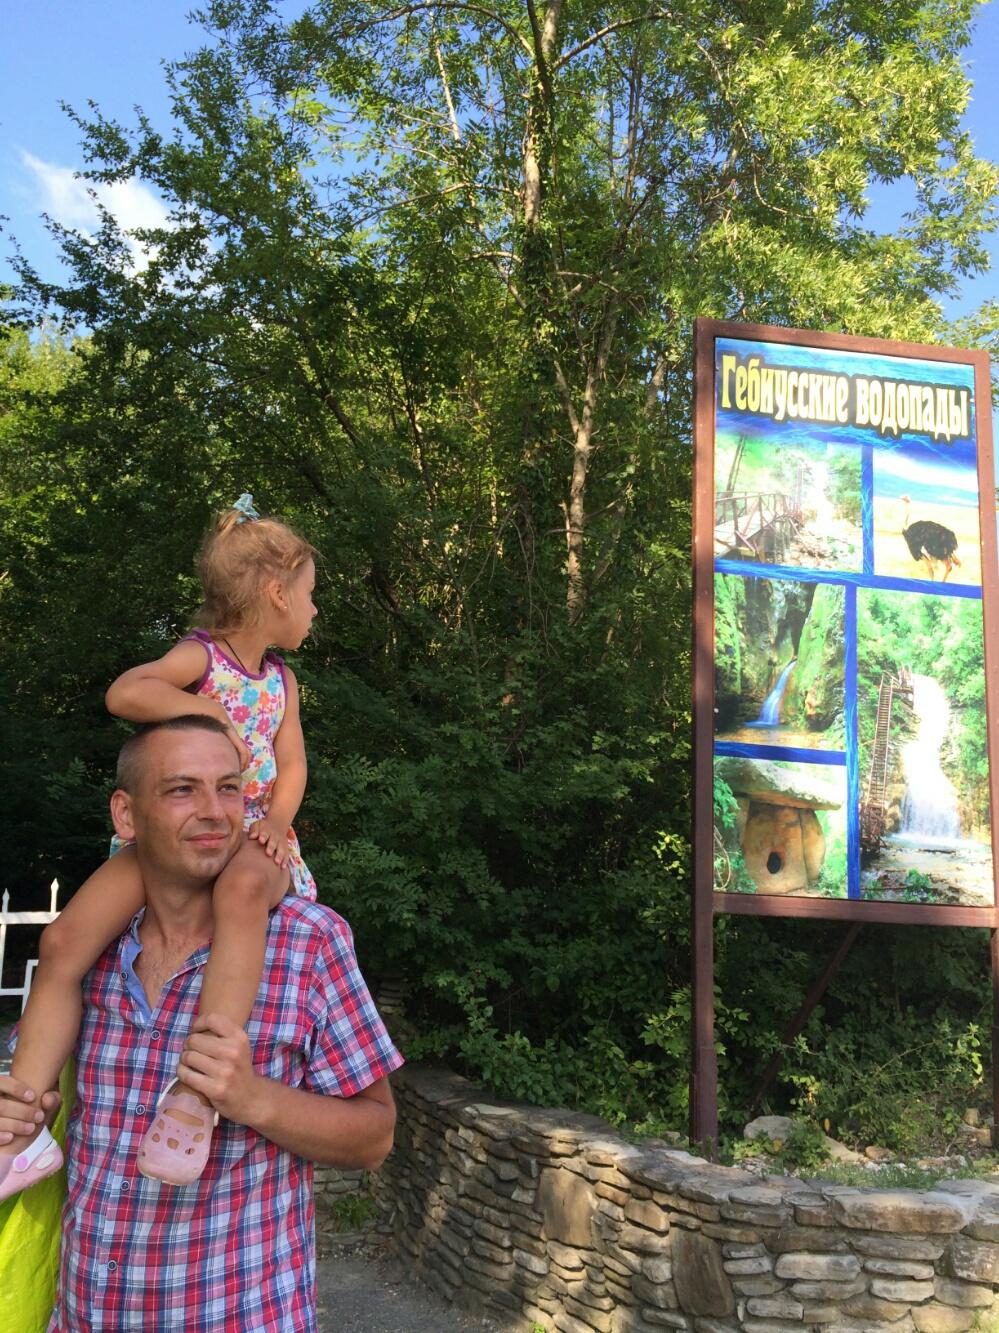 Рекламный стенд в начале пути к Гебиусским водопадам